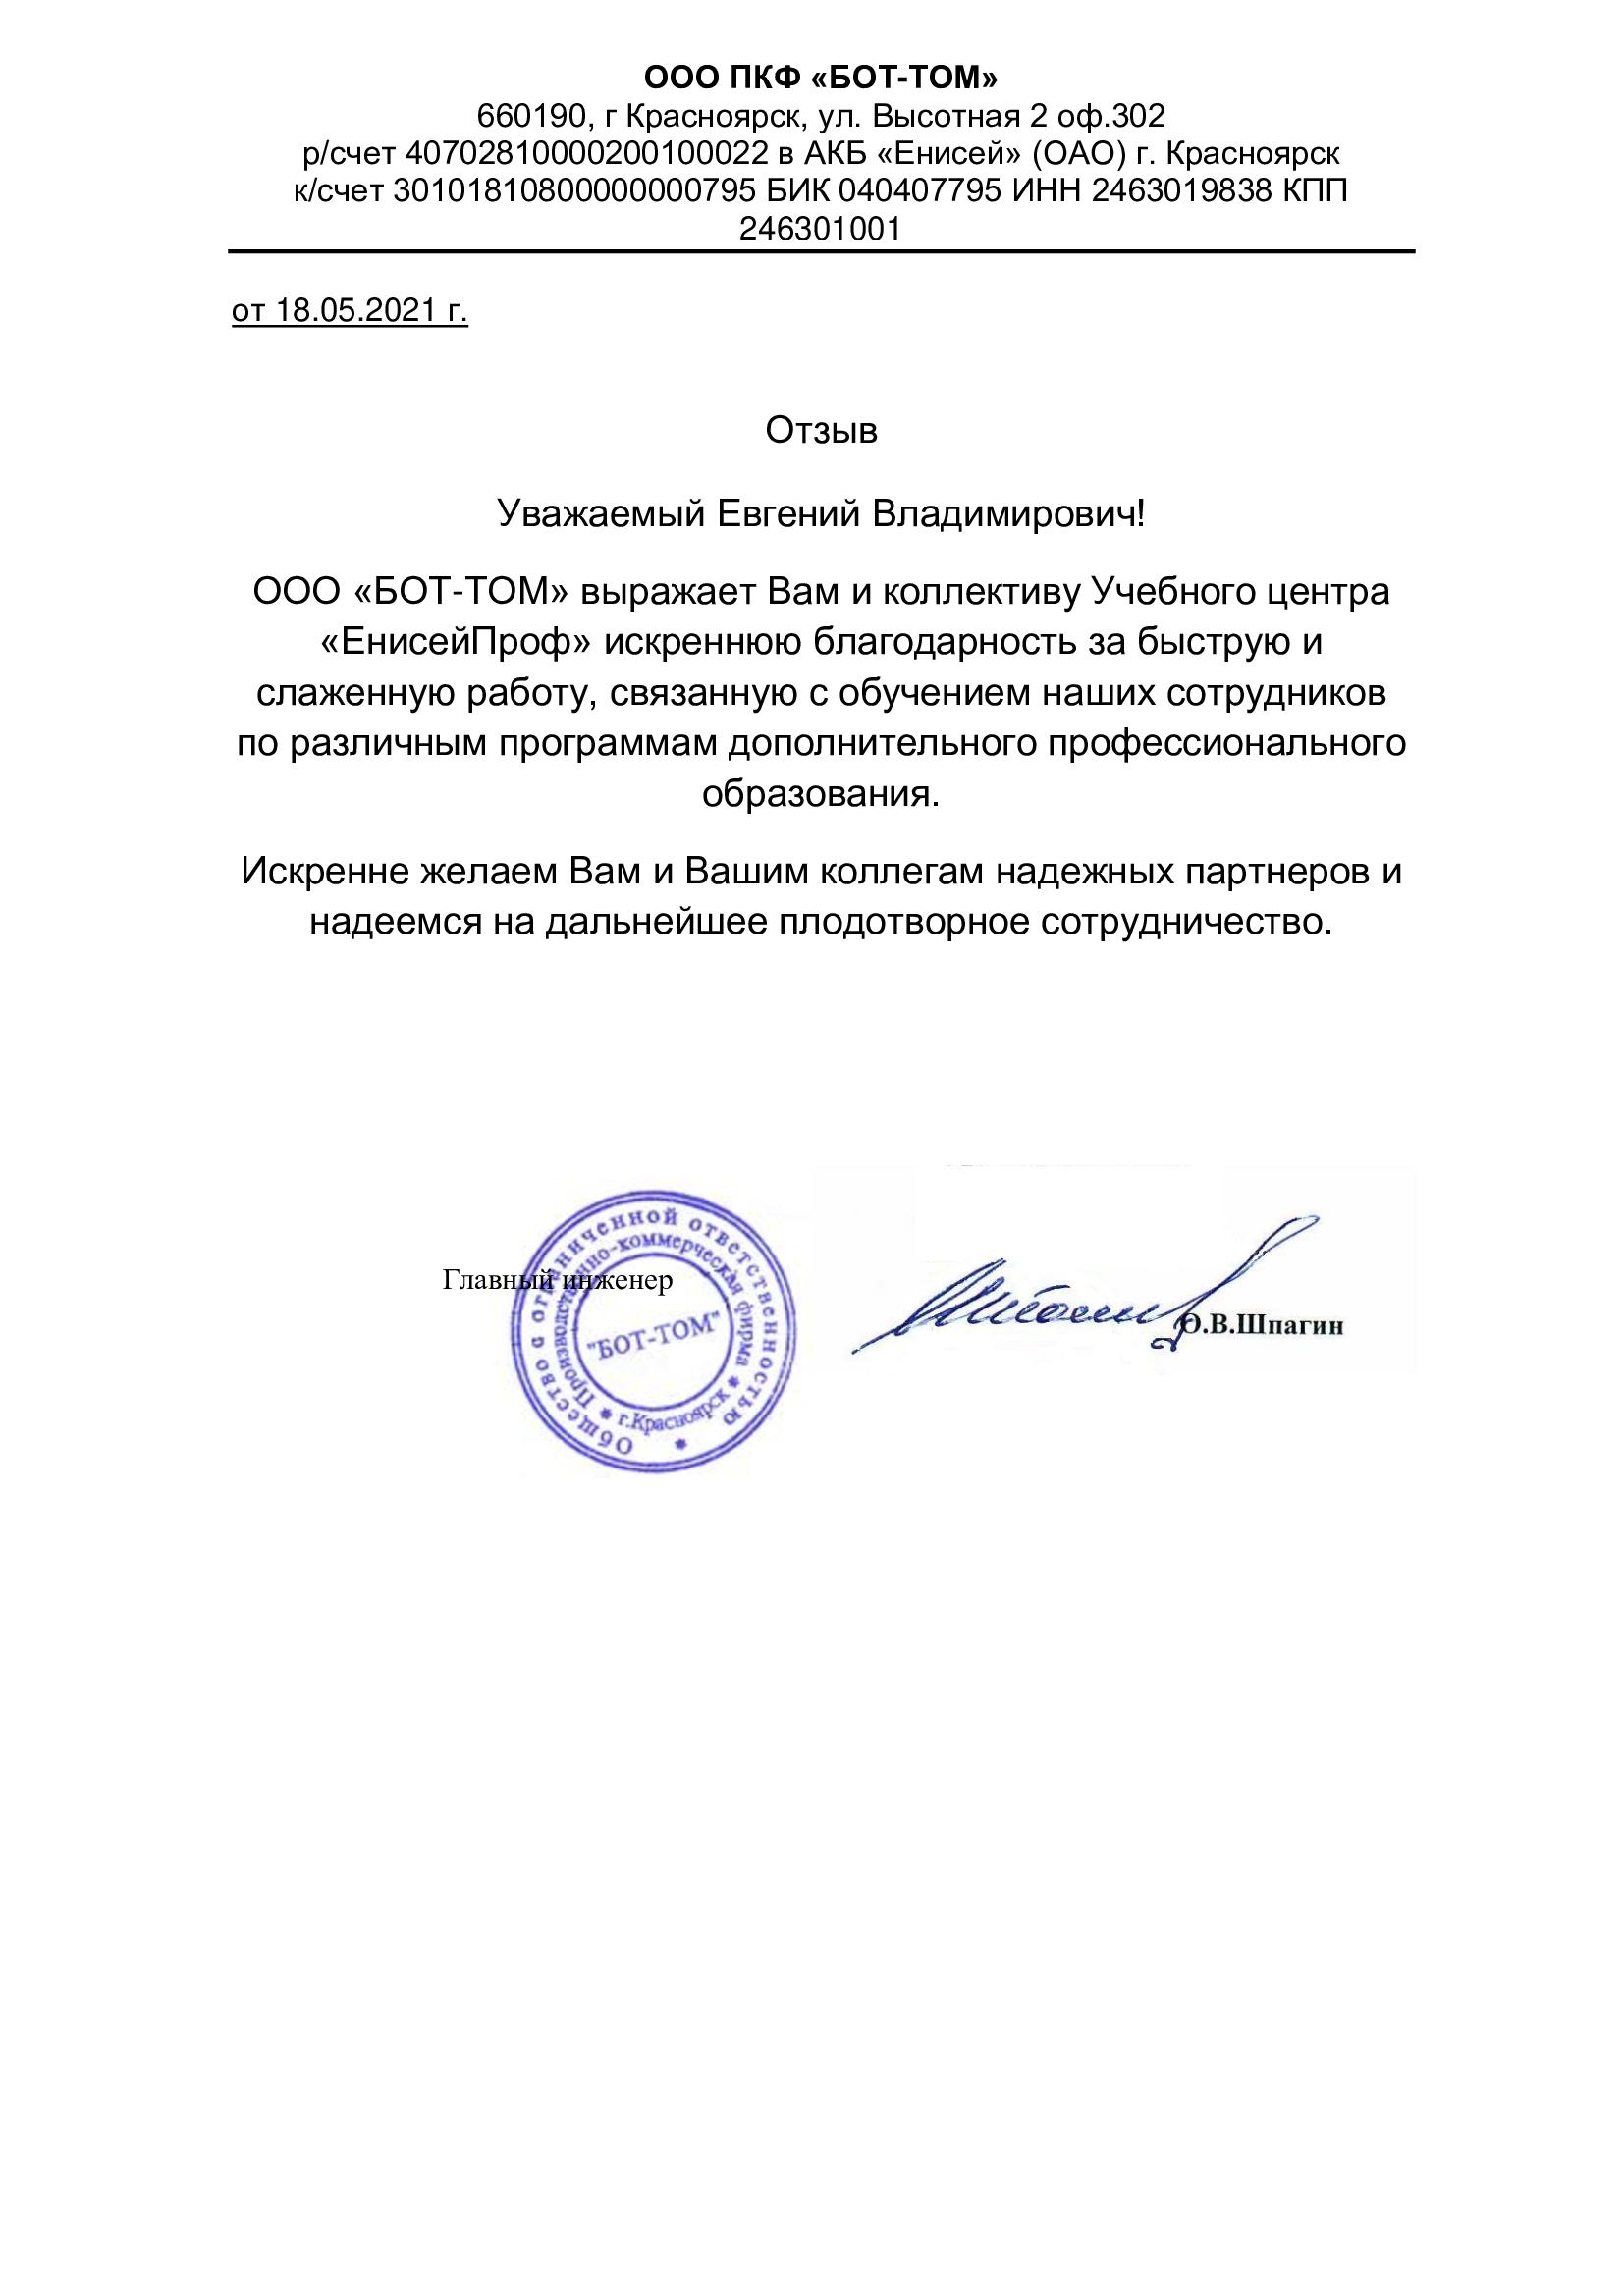 О.В. Шпагин